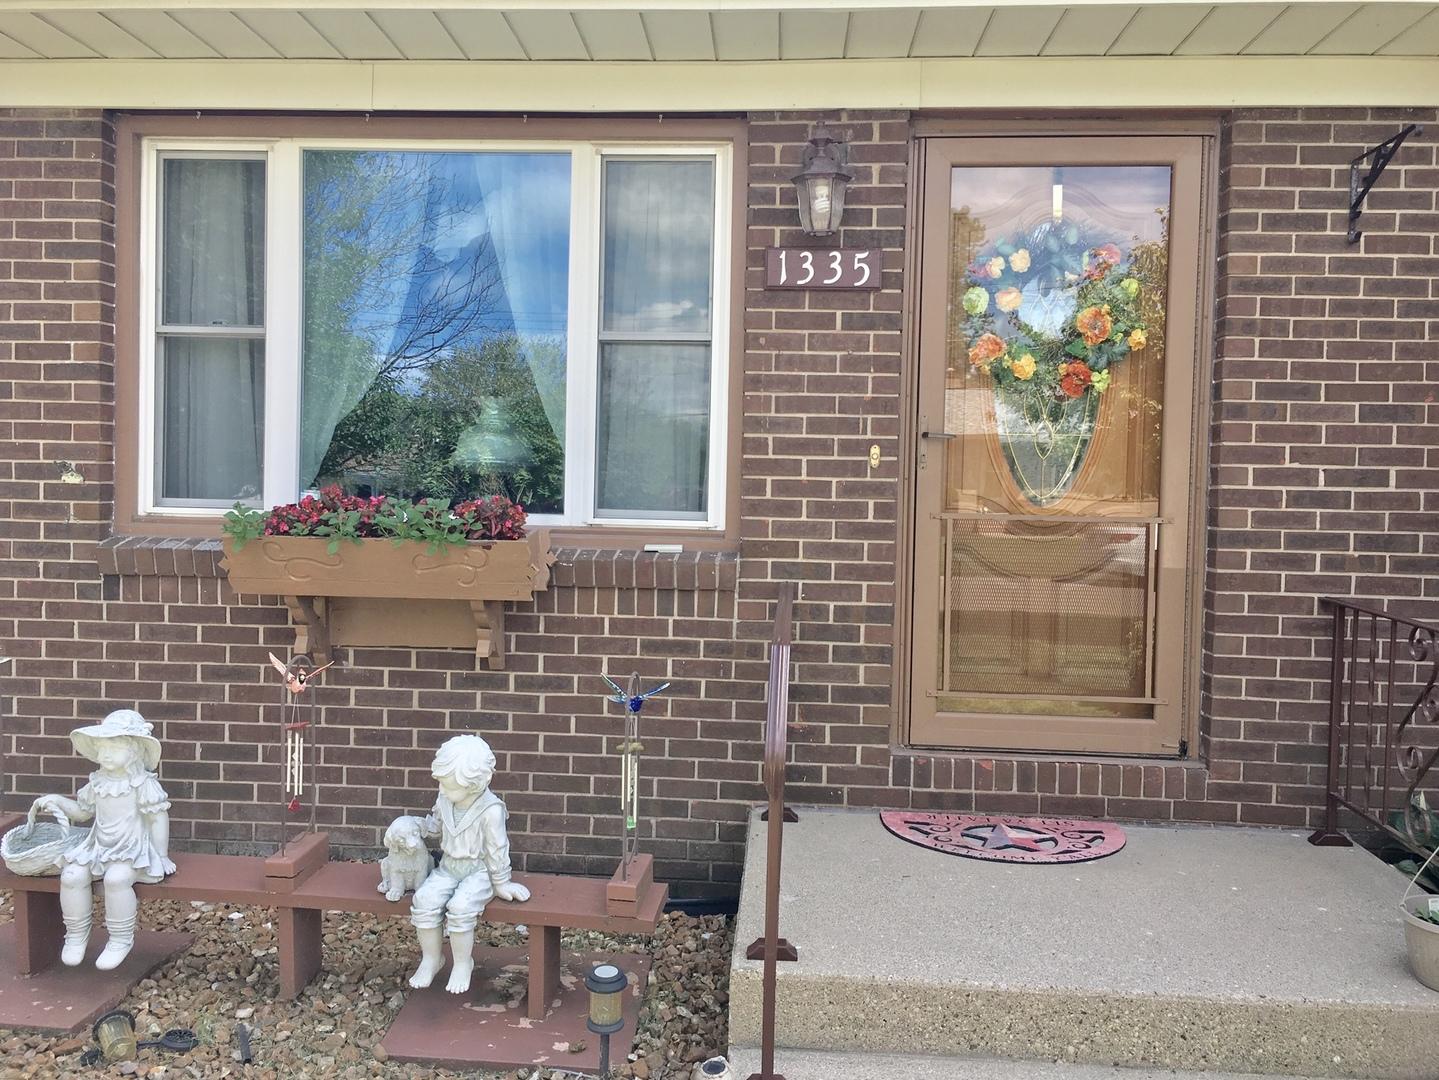 1335 West Washington, Ottawa, Illinois, 61350